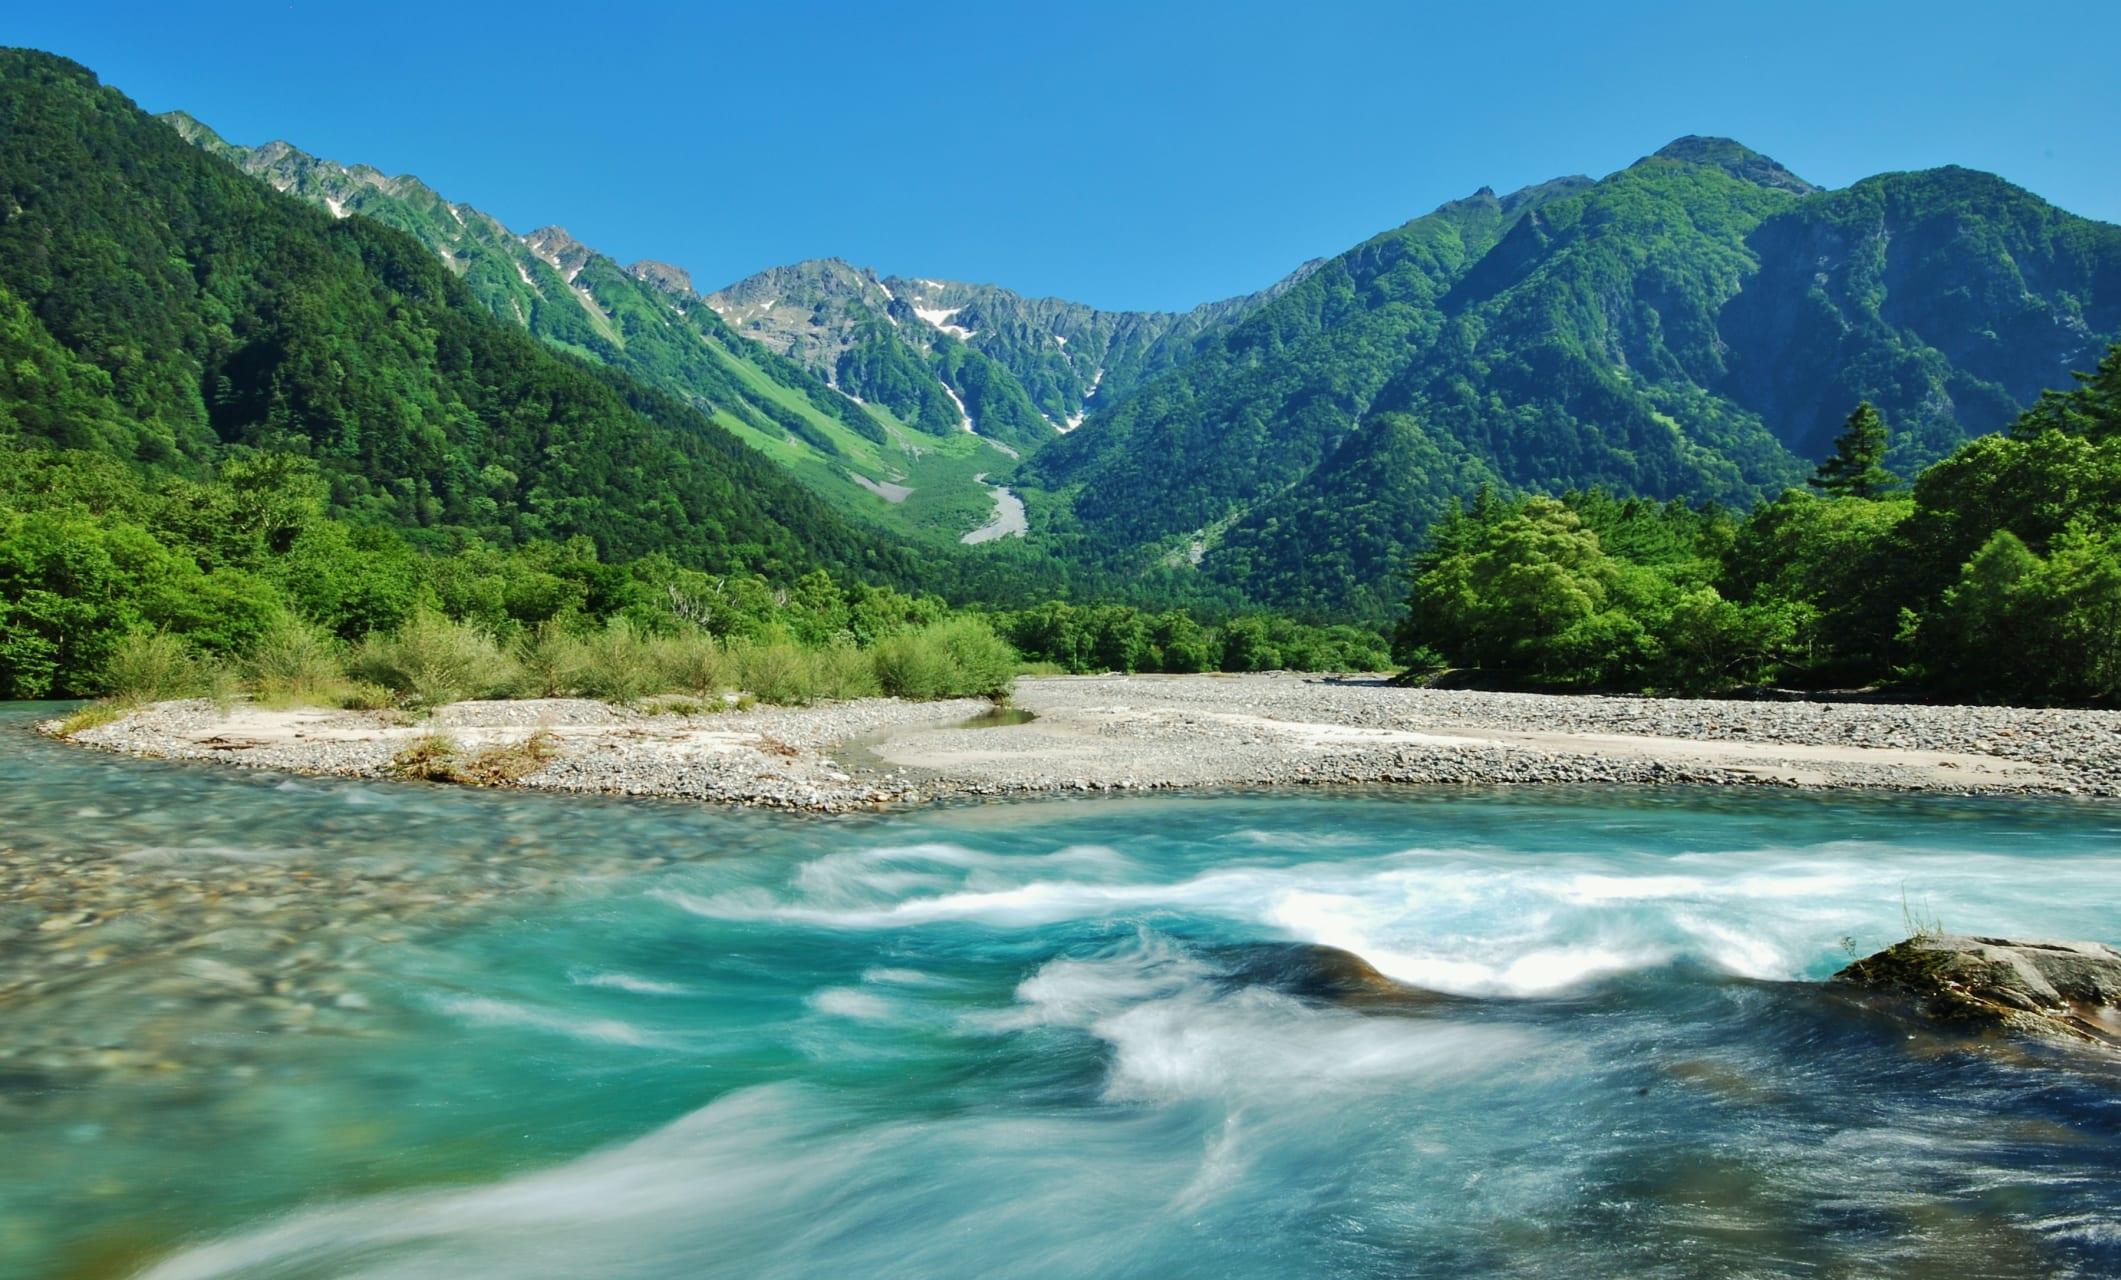 Nagano - Nagano: A Beautiful Hike in Rural Japan